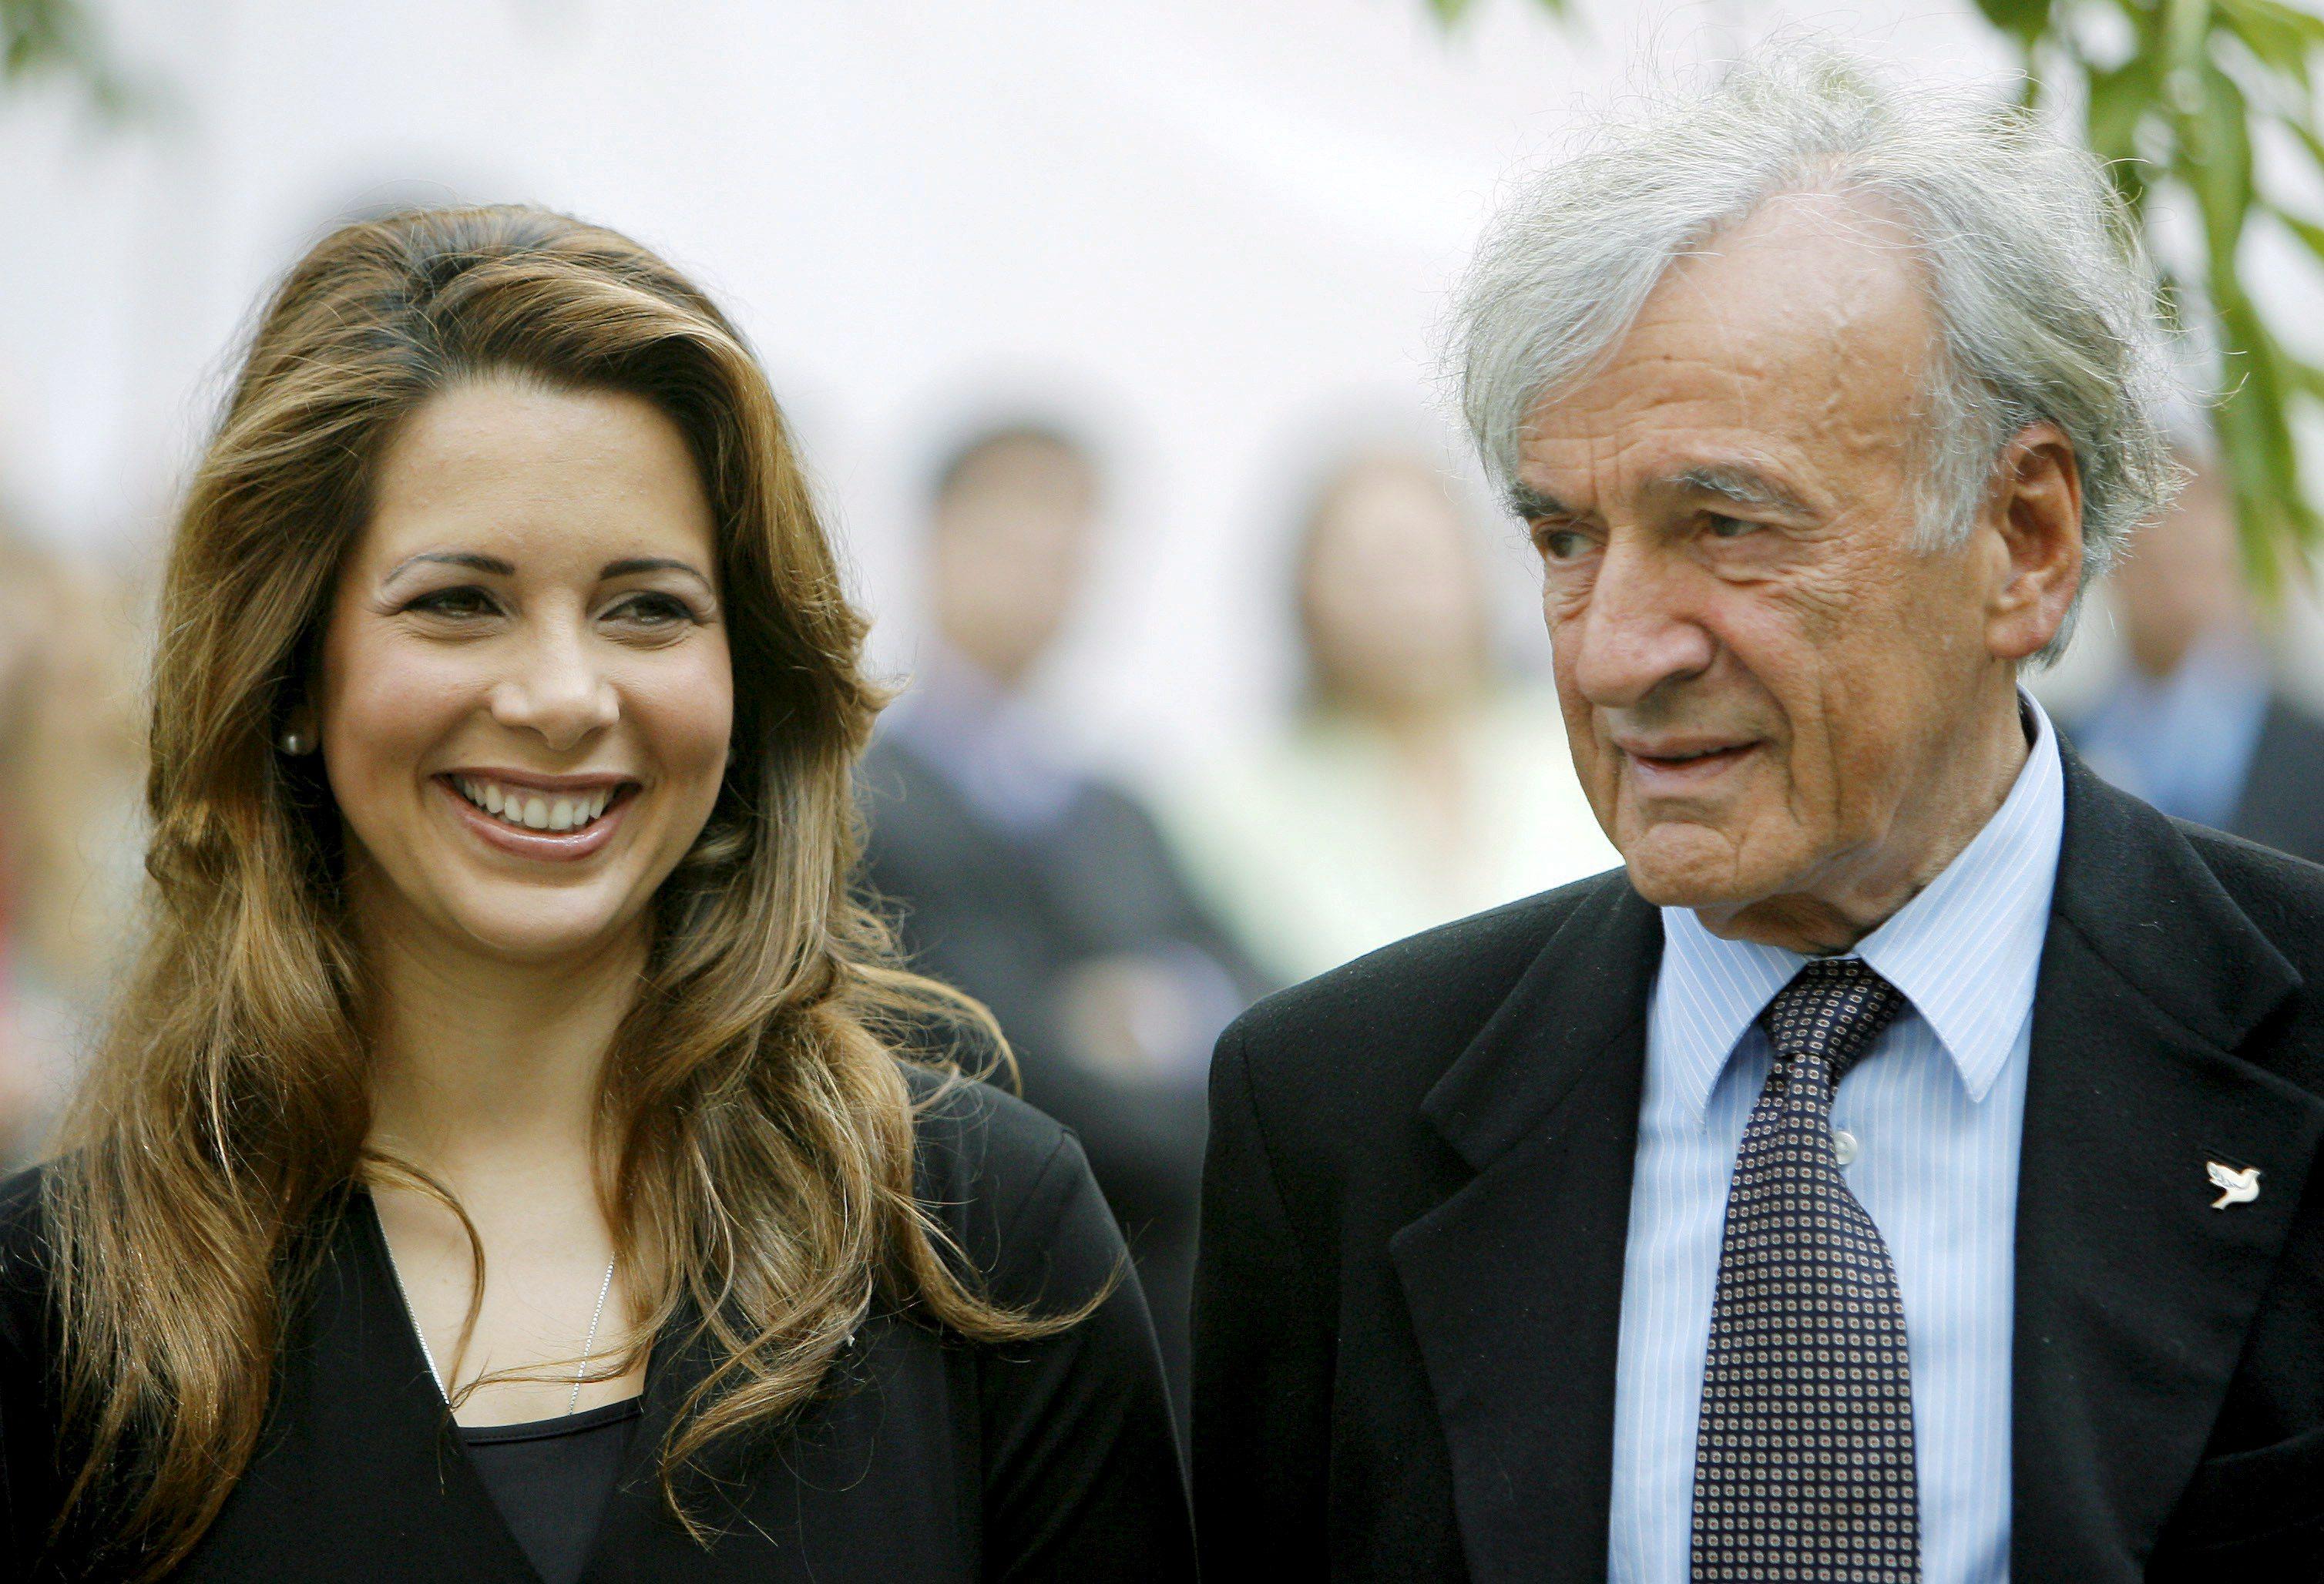 En 2007, junto al premio Nobel de la Paz Elie Weisel, durante la conmemoración en Nueva York del Día Internacional de la Paz. (Archivo)